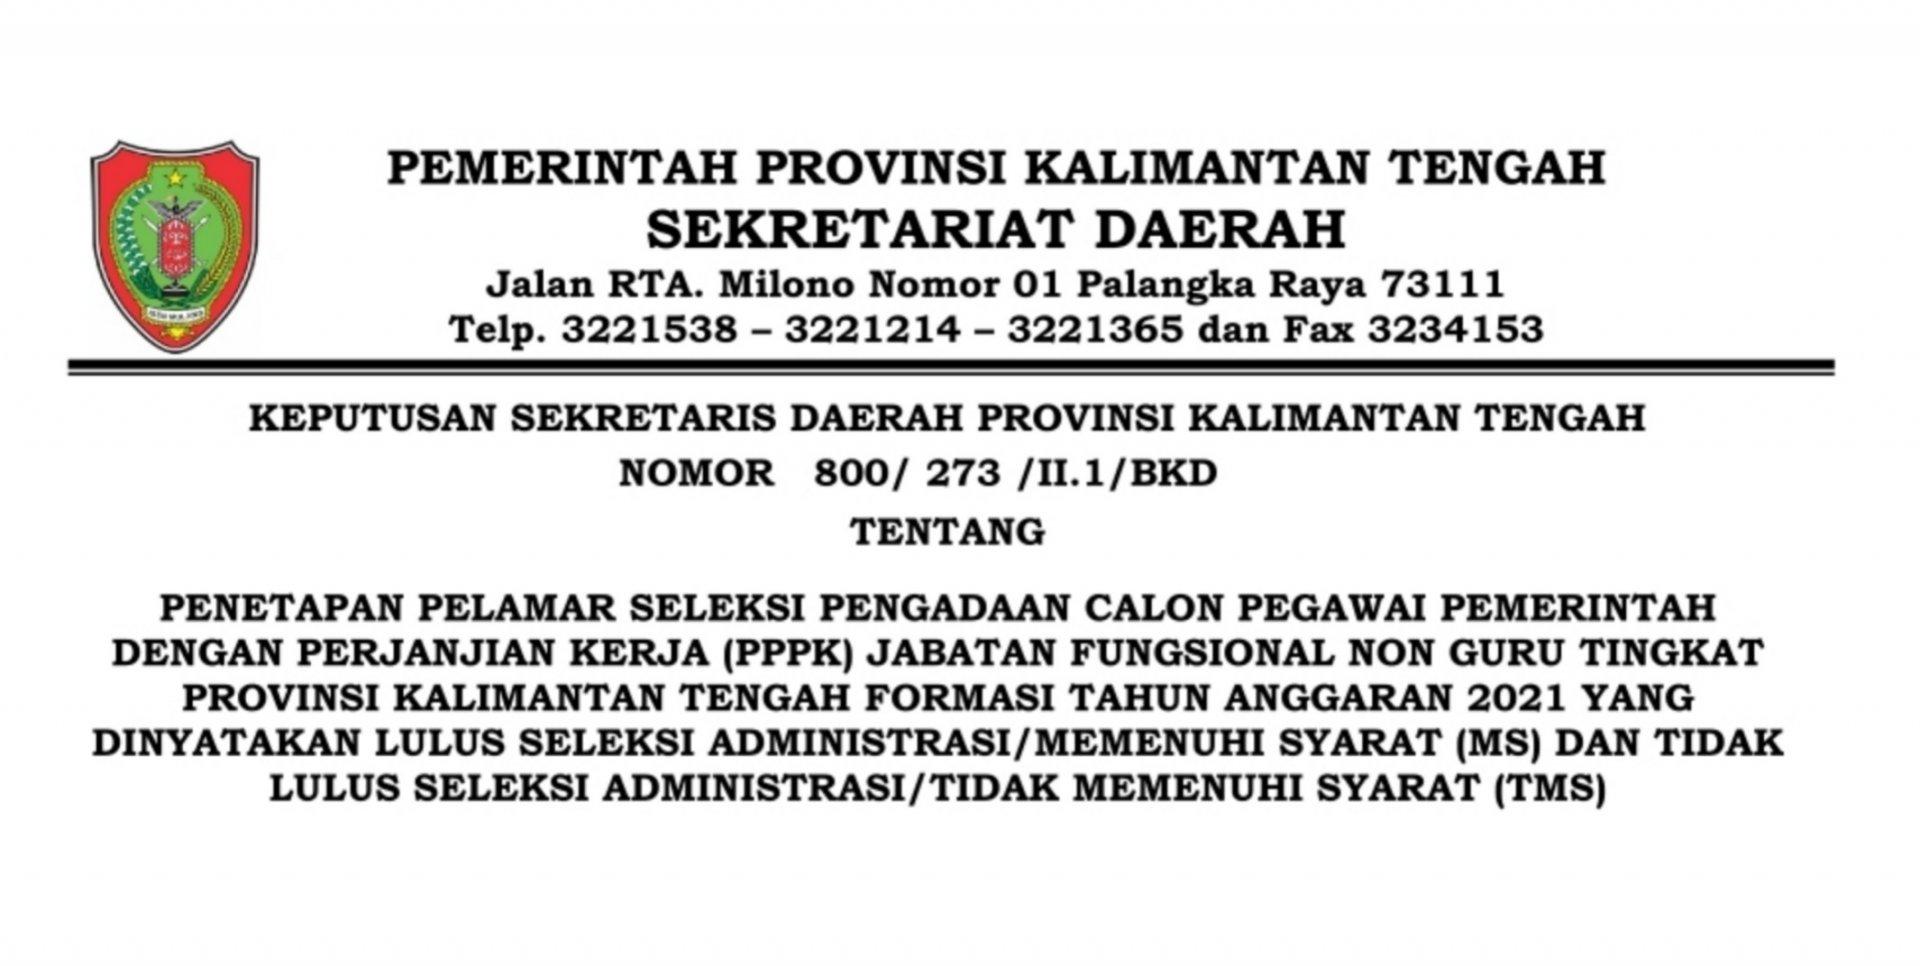 Pengumuman Hasil Seleksi Administrasi Pengadaan Calon PPPK Fungsional Non Guru Provinsi Kalimantan Tengah Formasi Tahun 2021